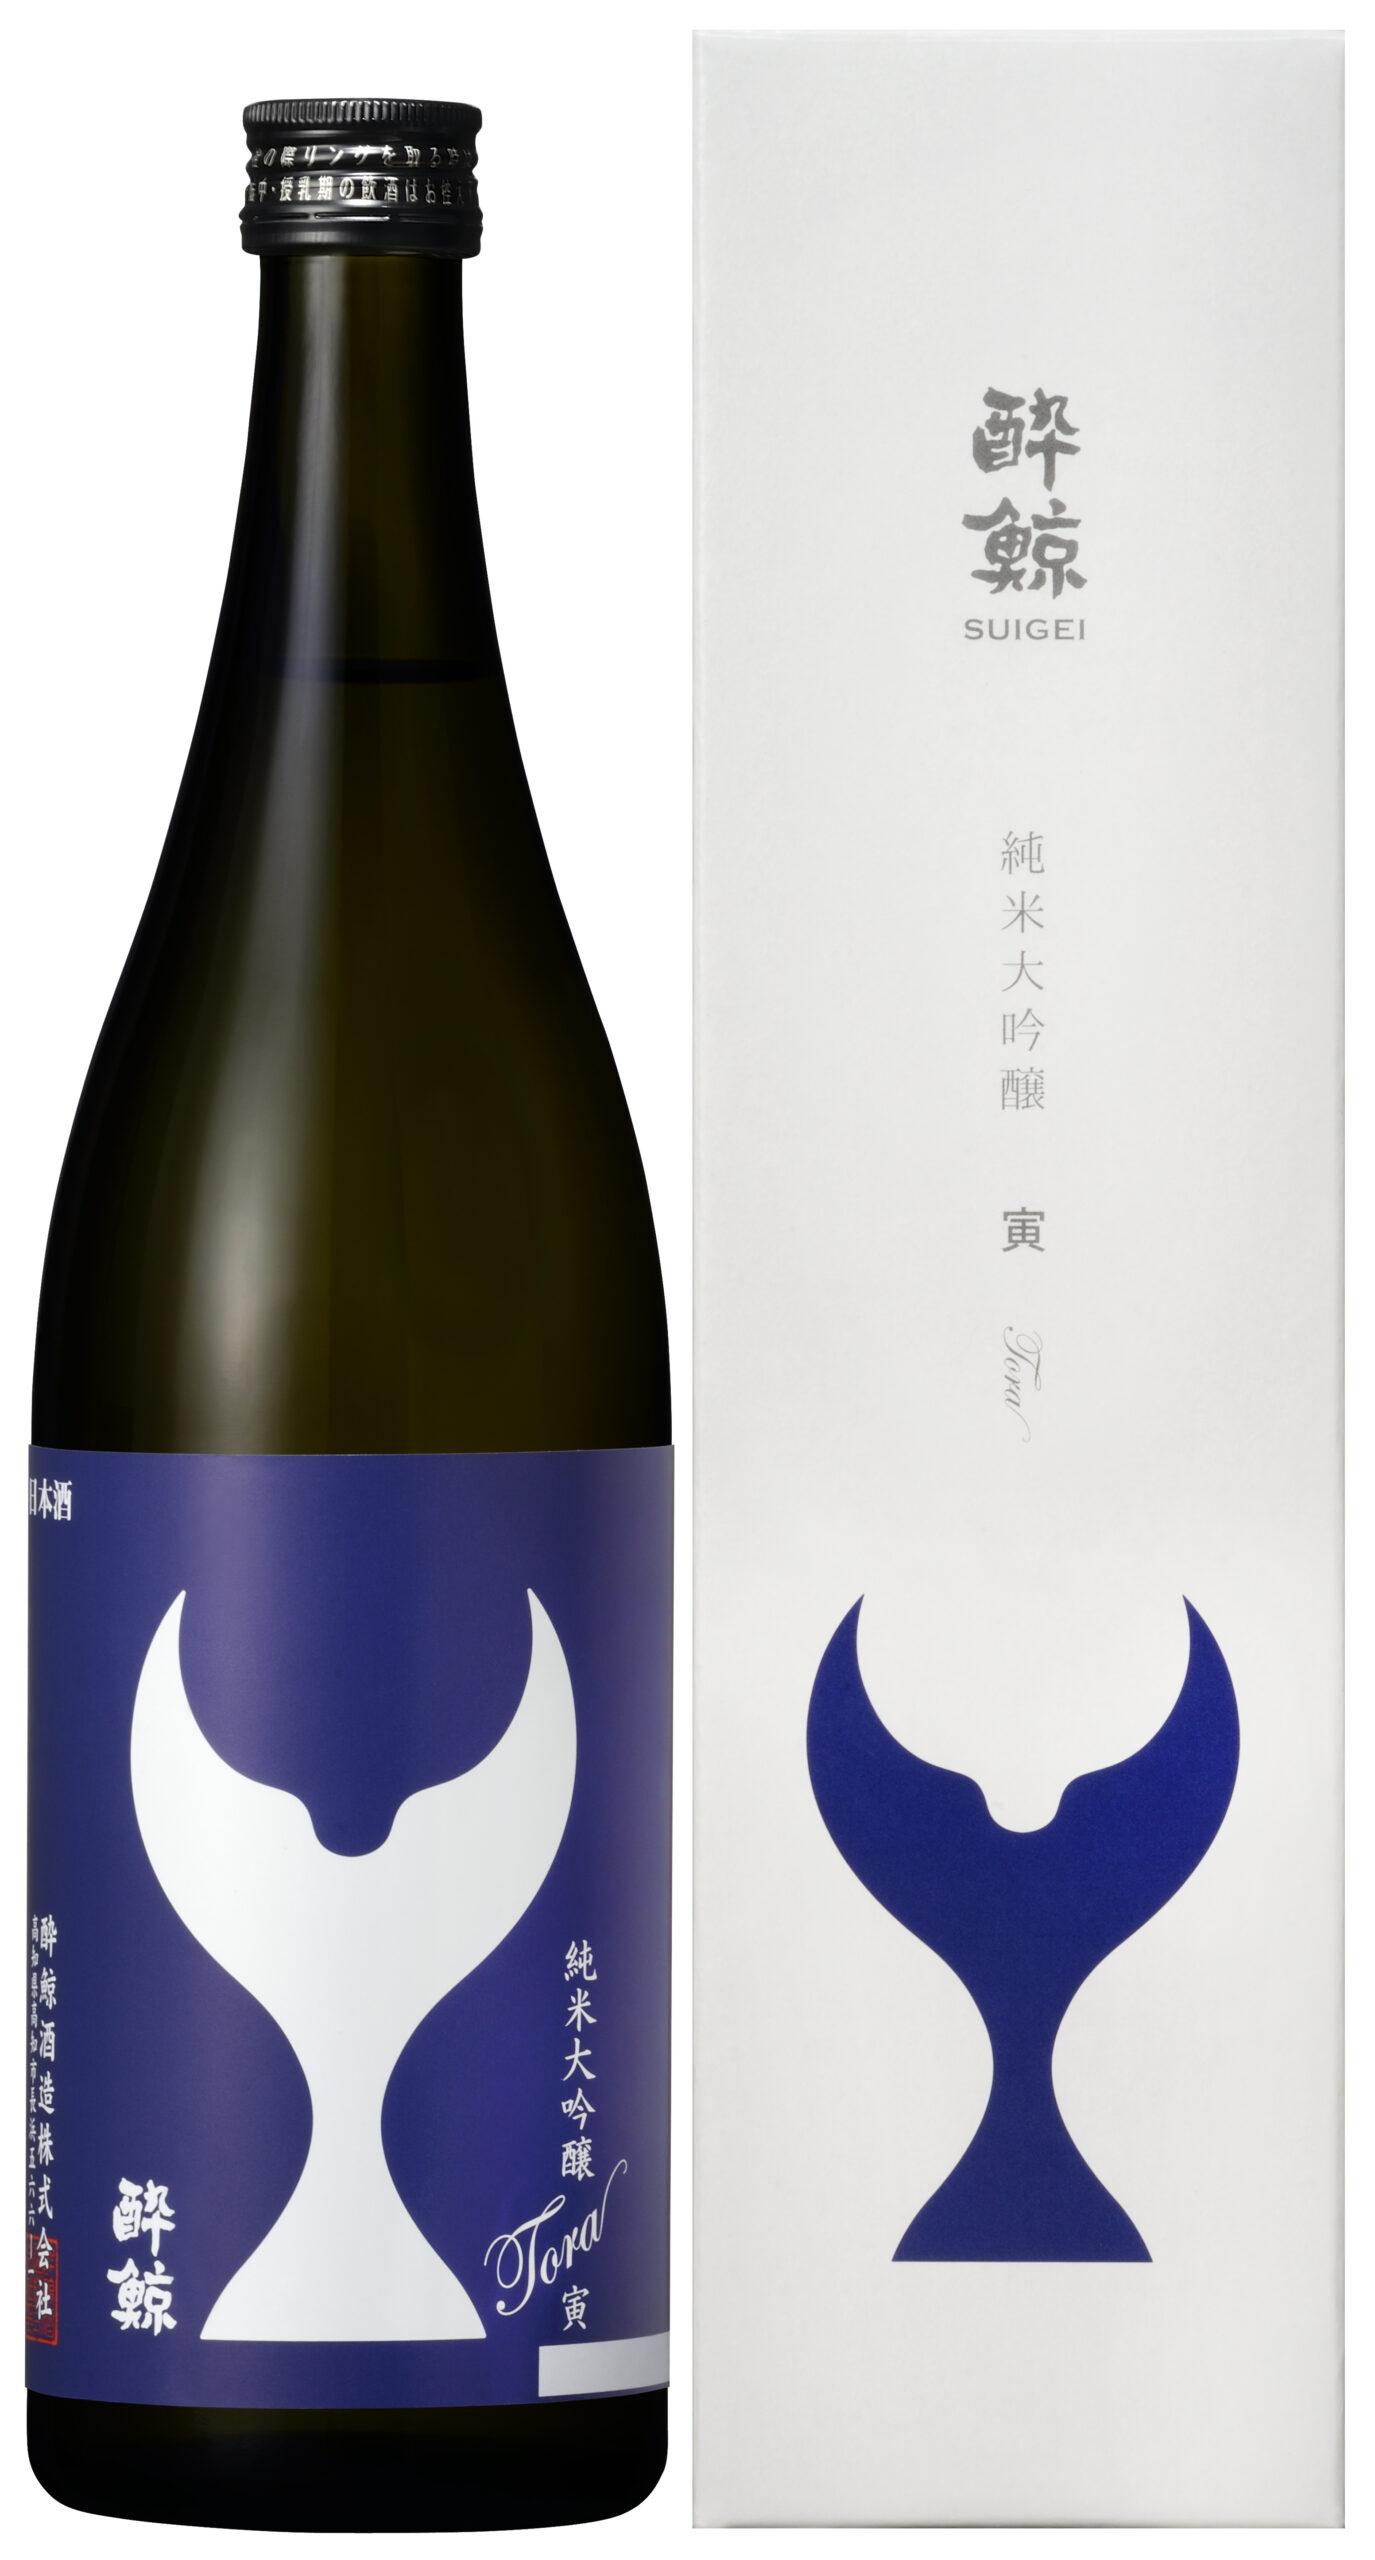 純米大吟醸 寅(Tora)